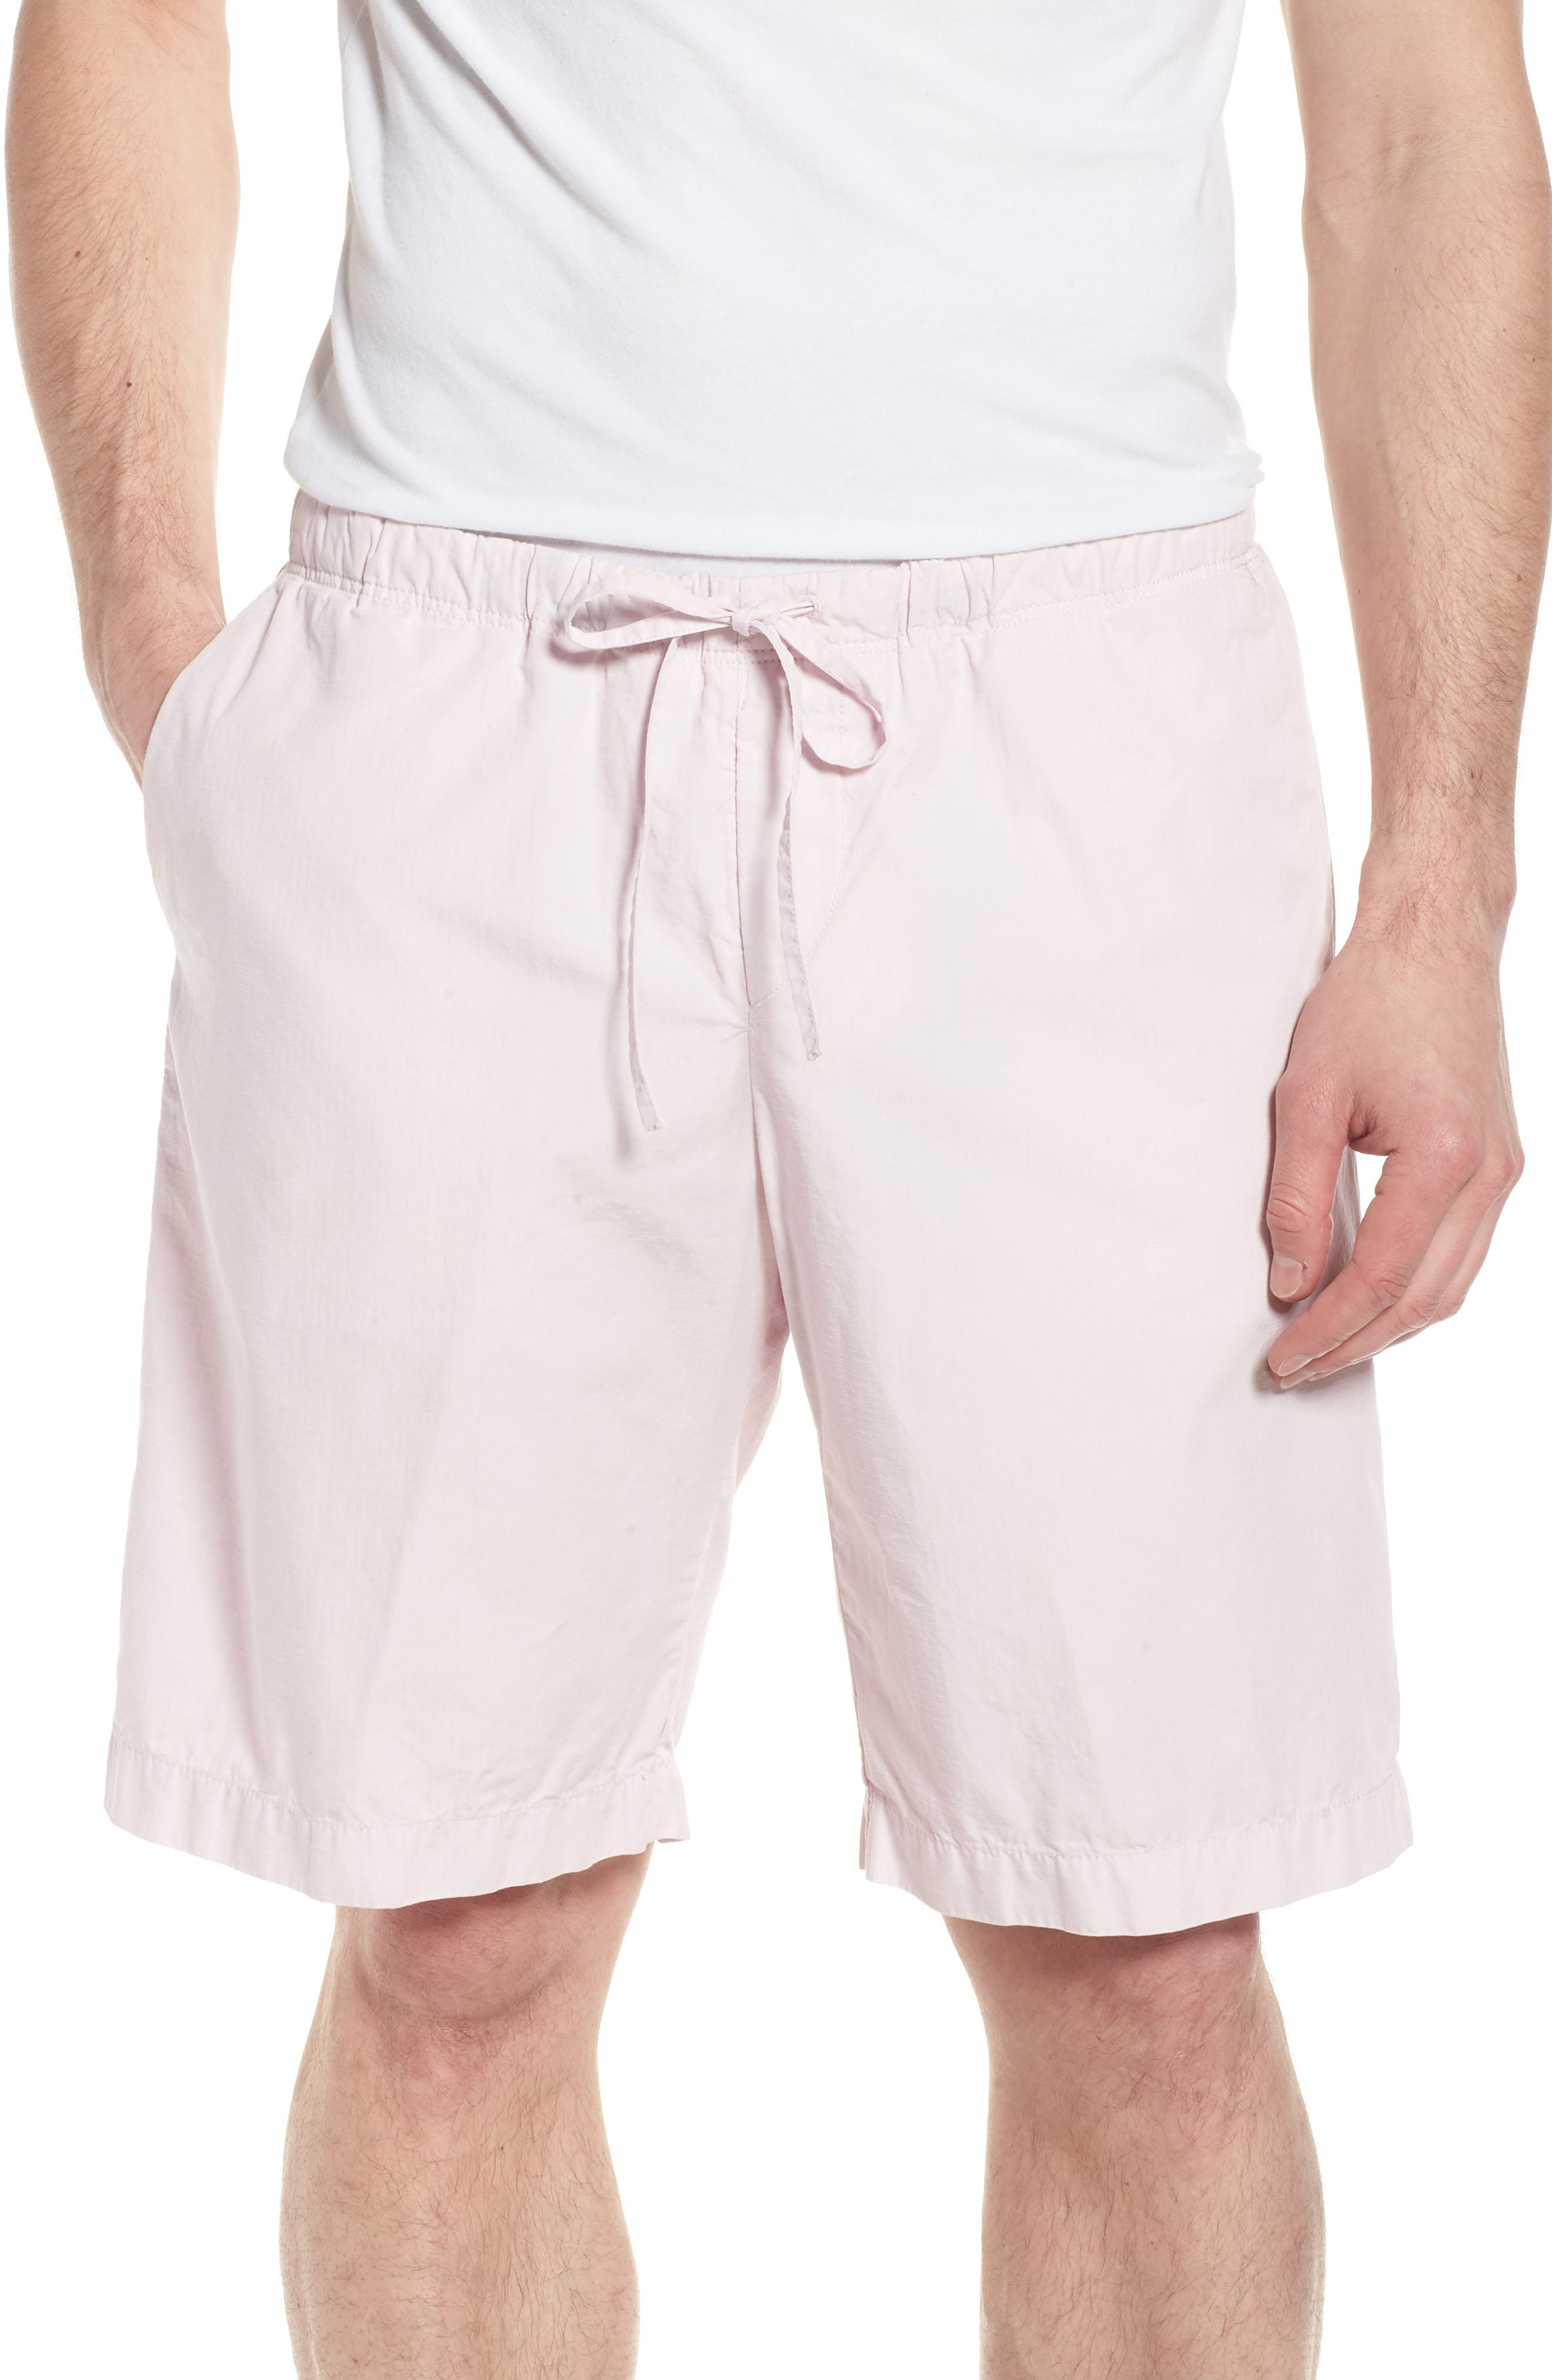 Passeo Cotton Shorts,                             Main thumbnail 1, color,                             Pink